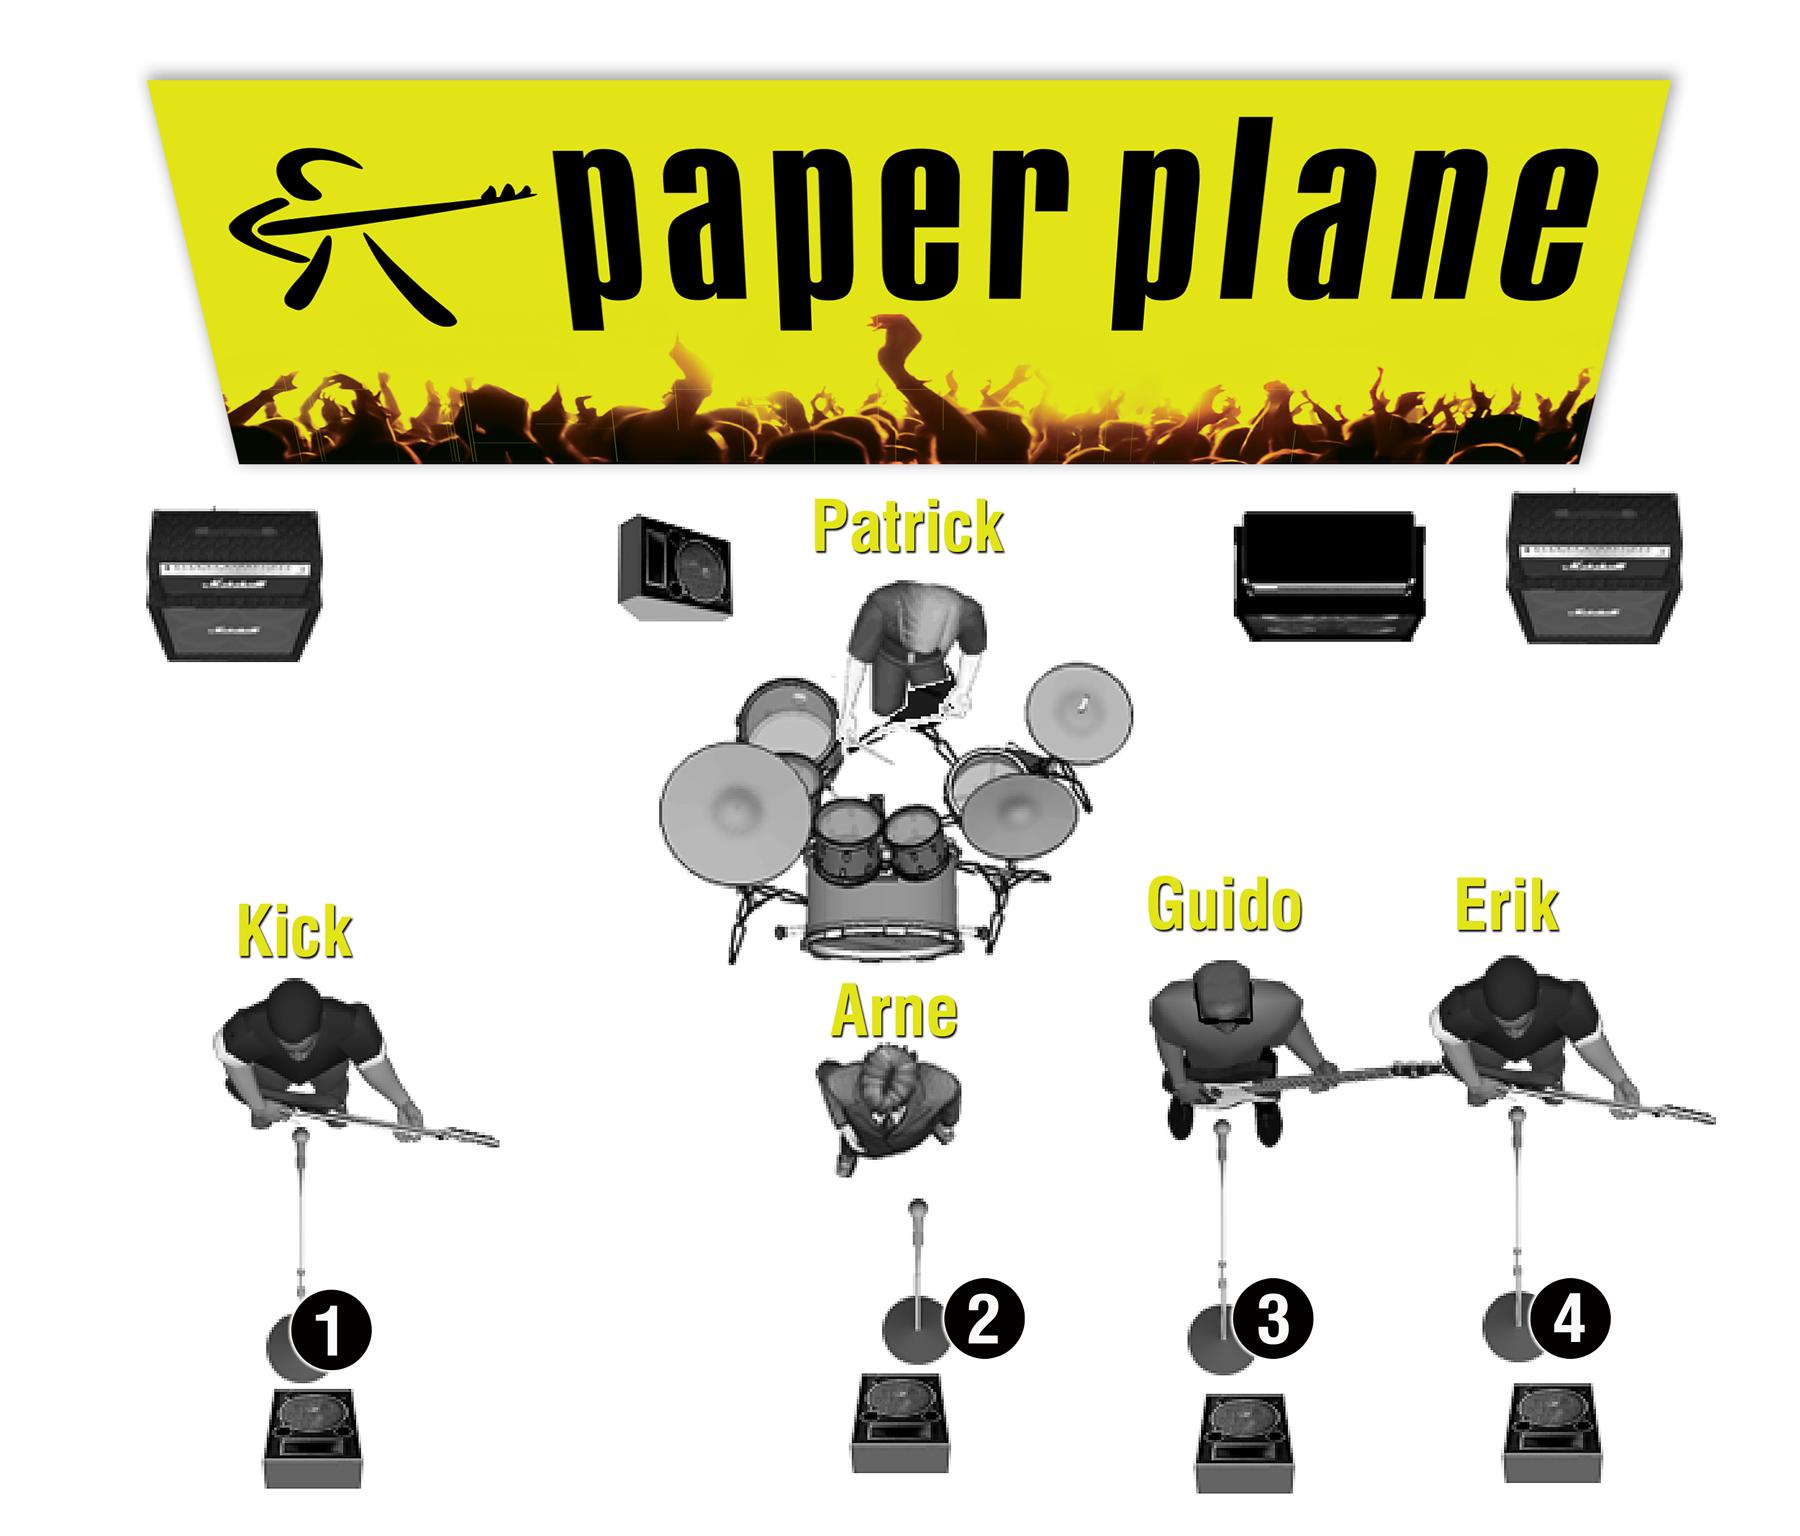 stageplan Paper Plane